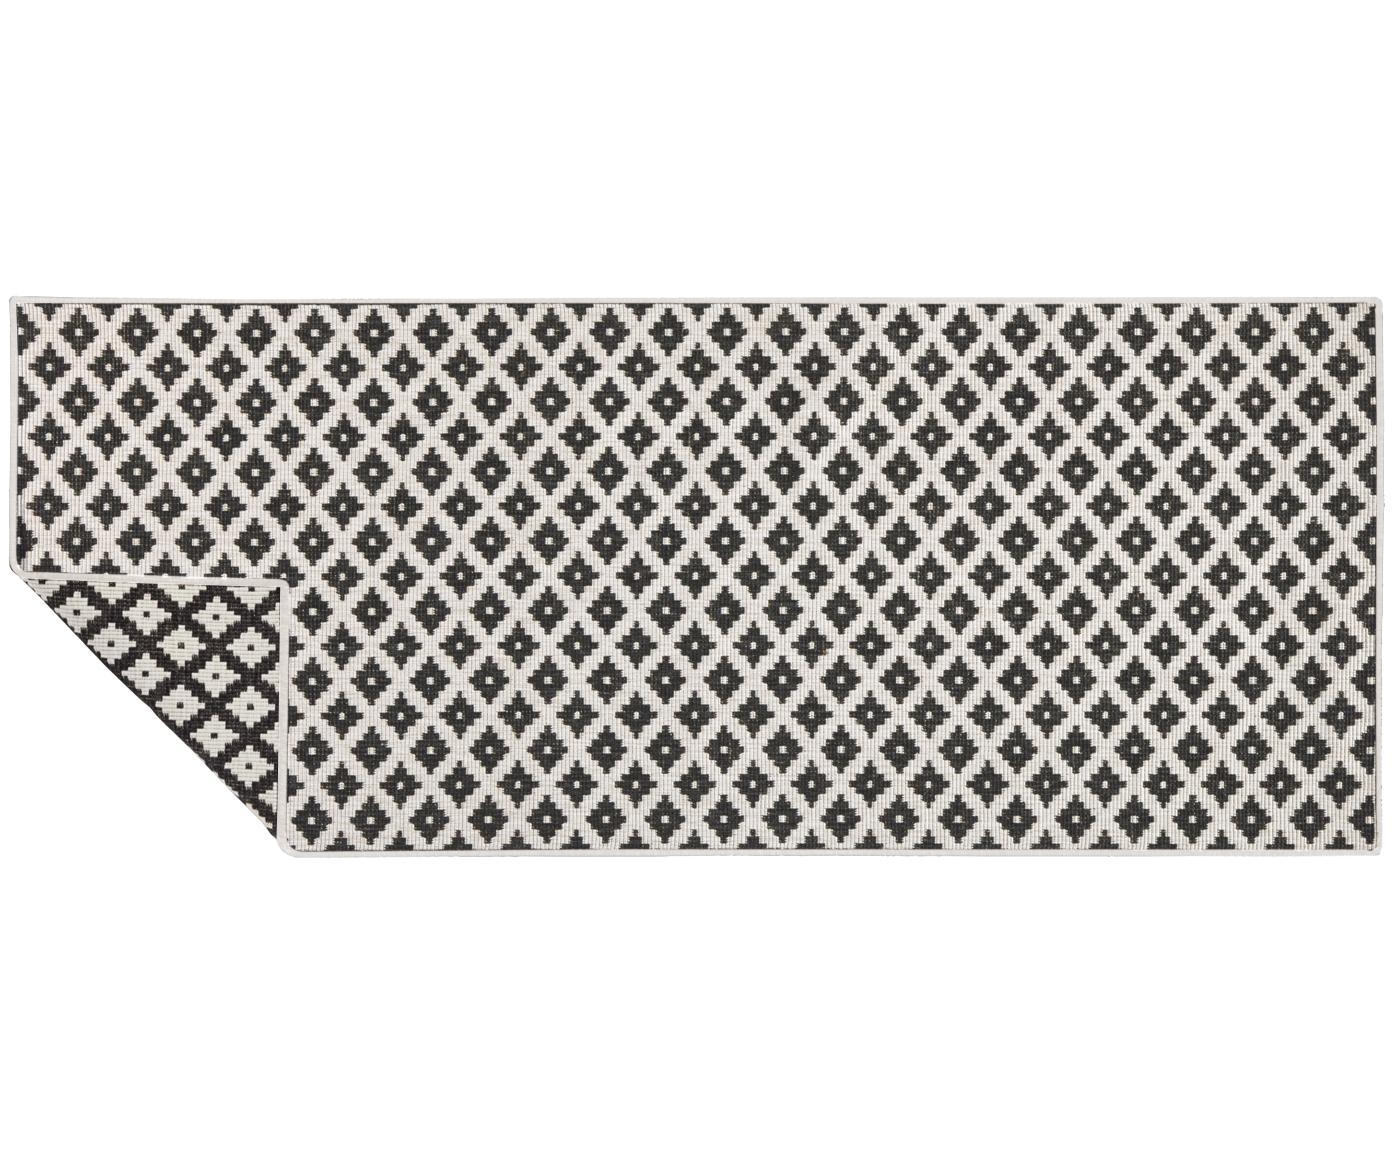 Dubbelzijdige in- & outdoor loper Nizza, Zwart, crèmekleurig, 80 x 250 cm